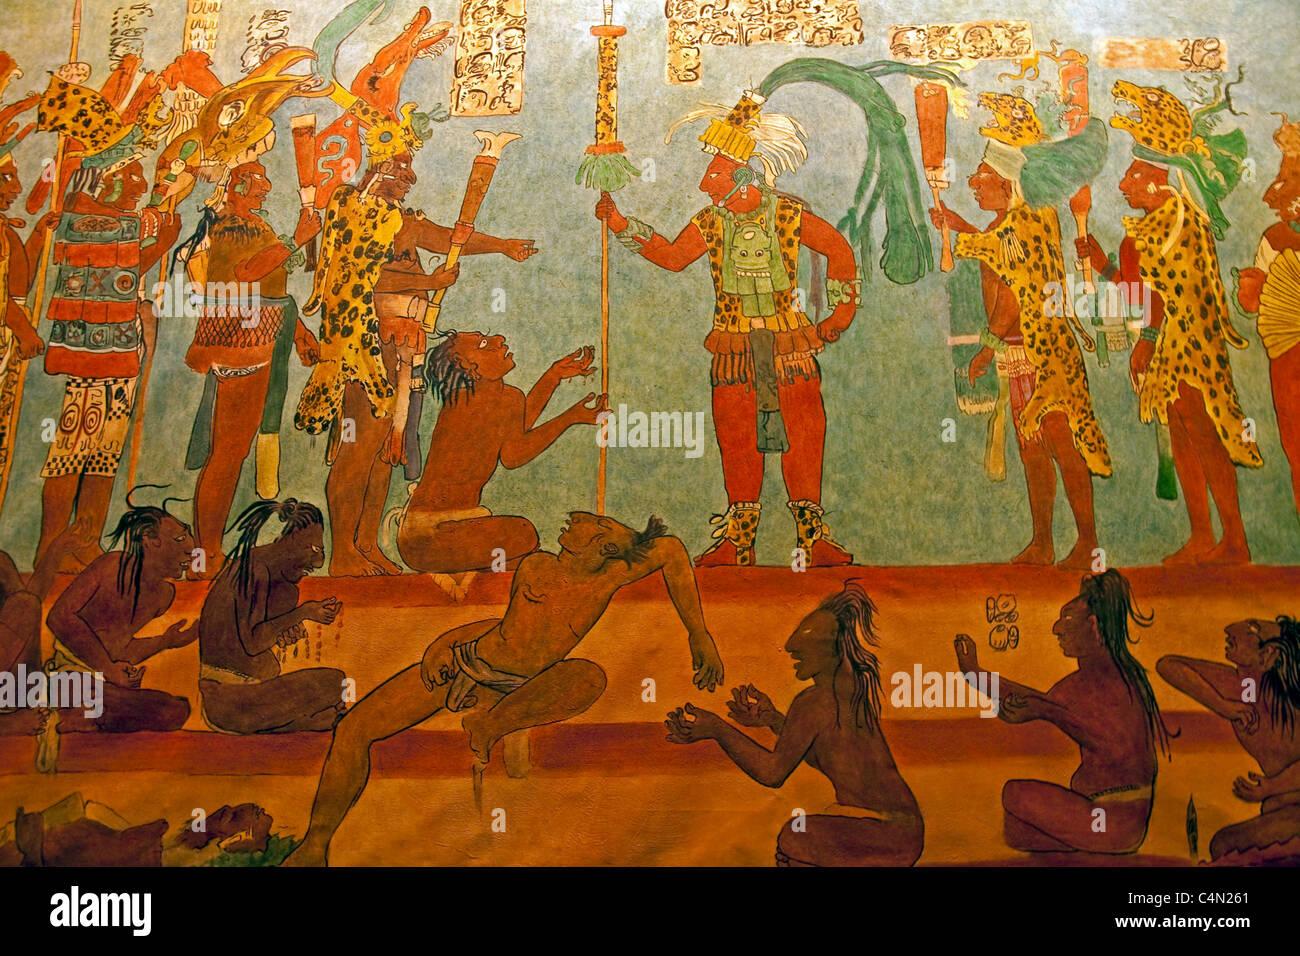 Fresque murale représentant la mythologie maya à l'Antigua Casa Santa Domingo couvent est réplique Photo Stock